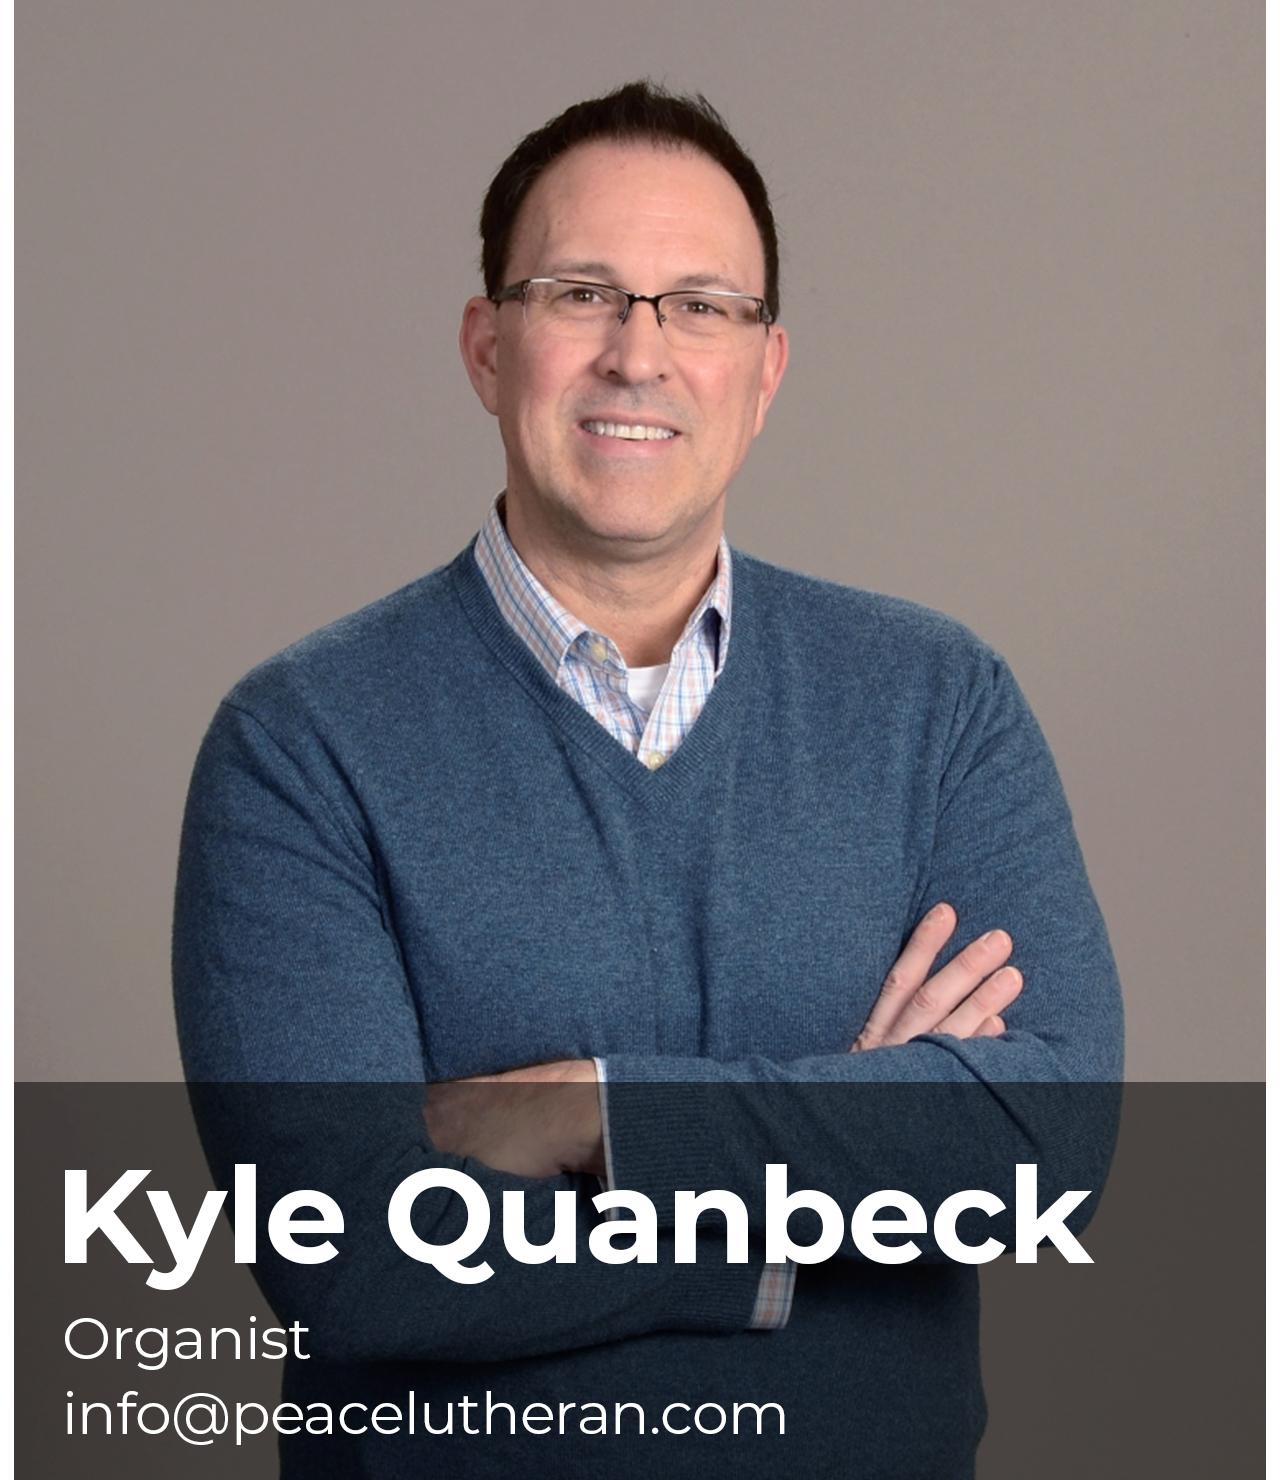 Kyle Quanbeck